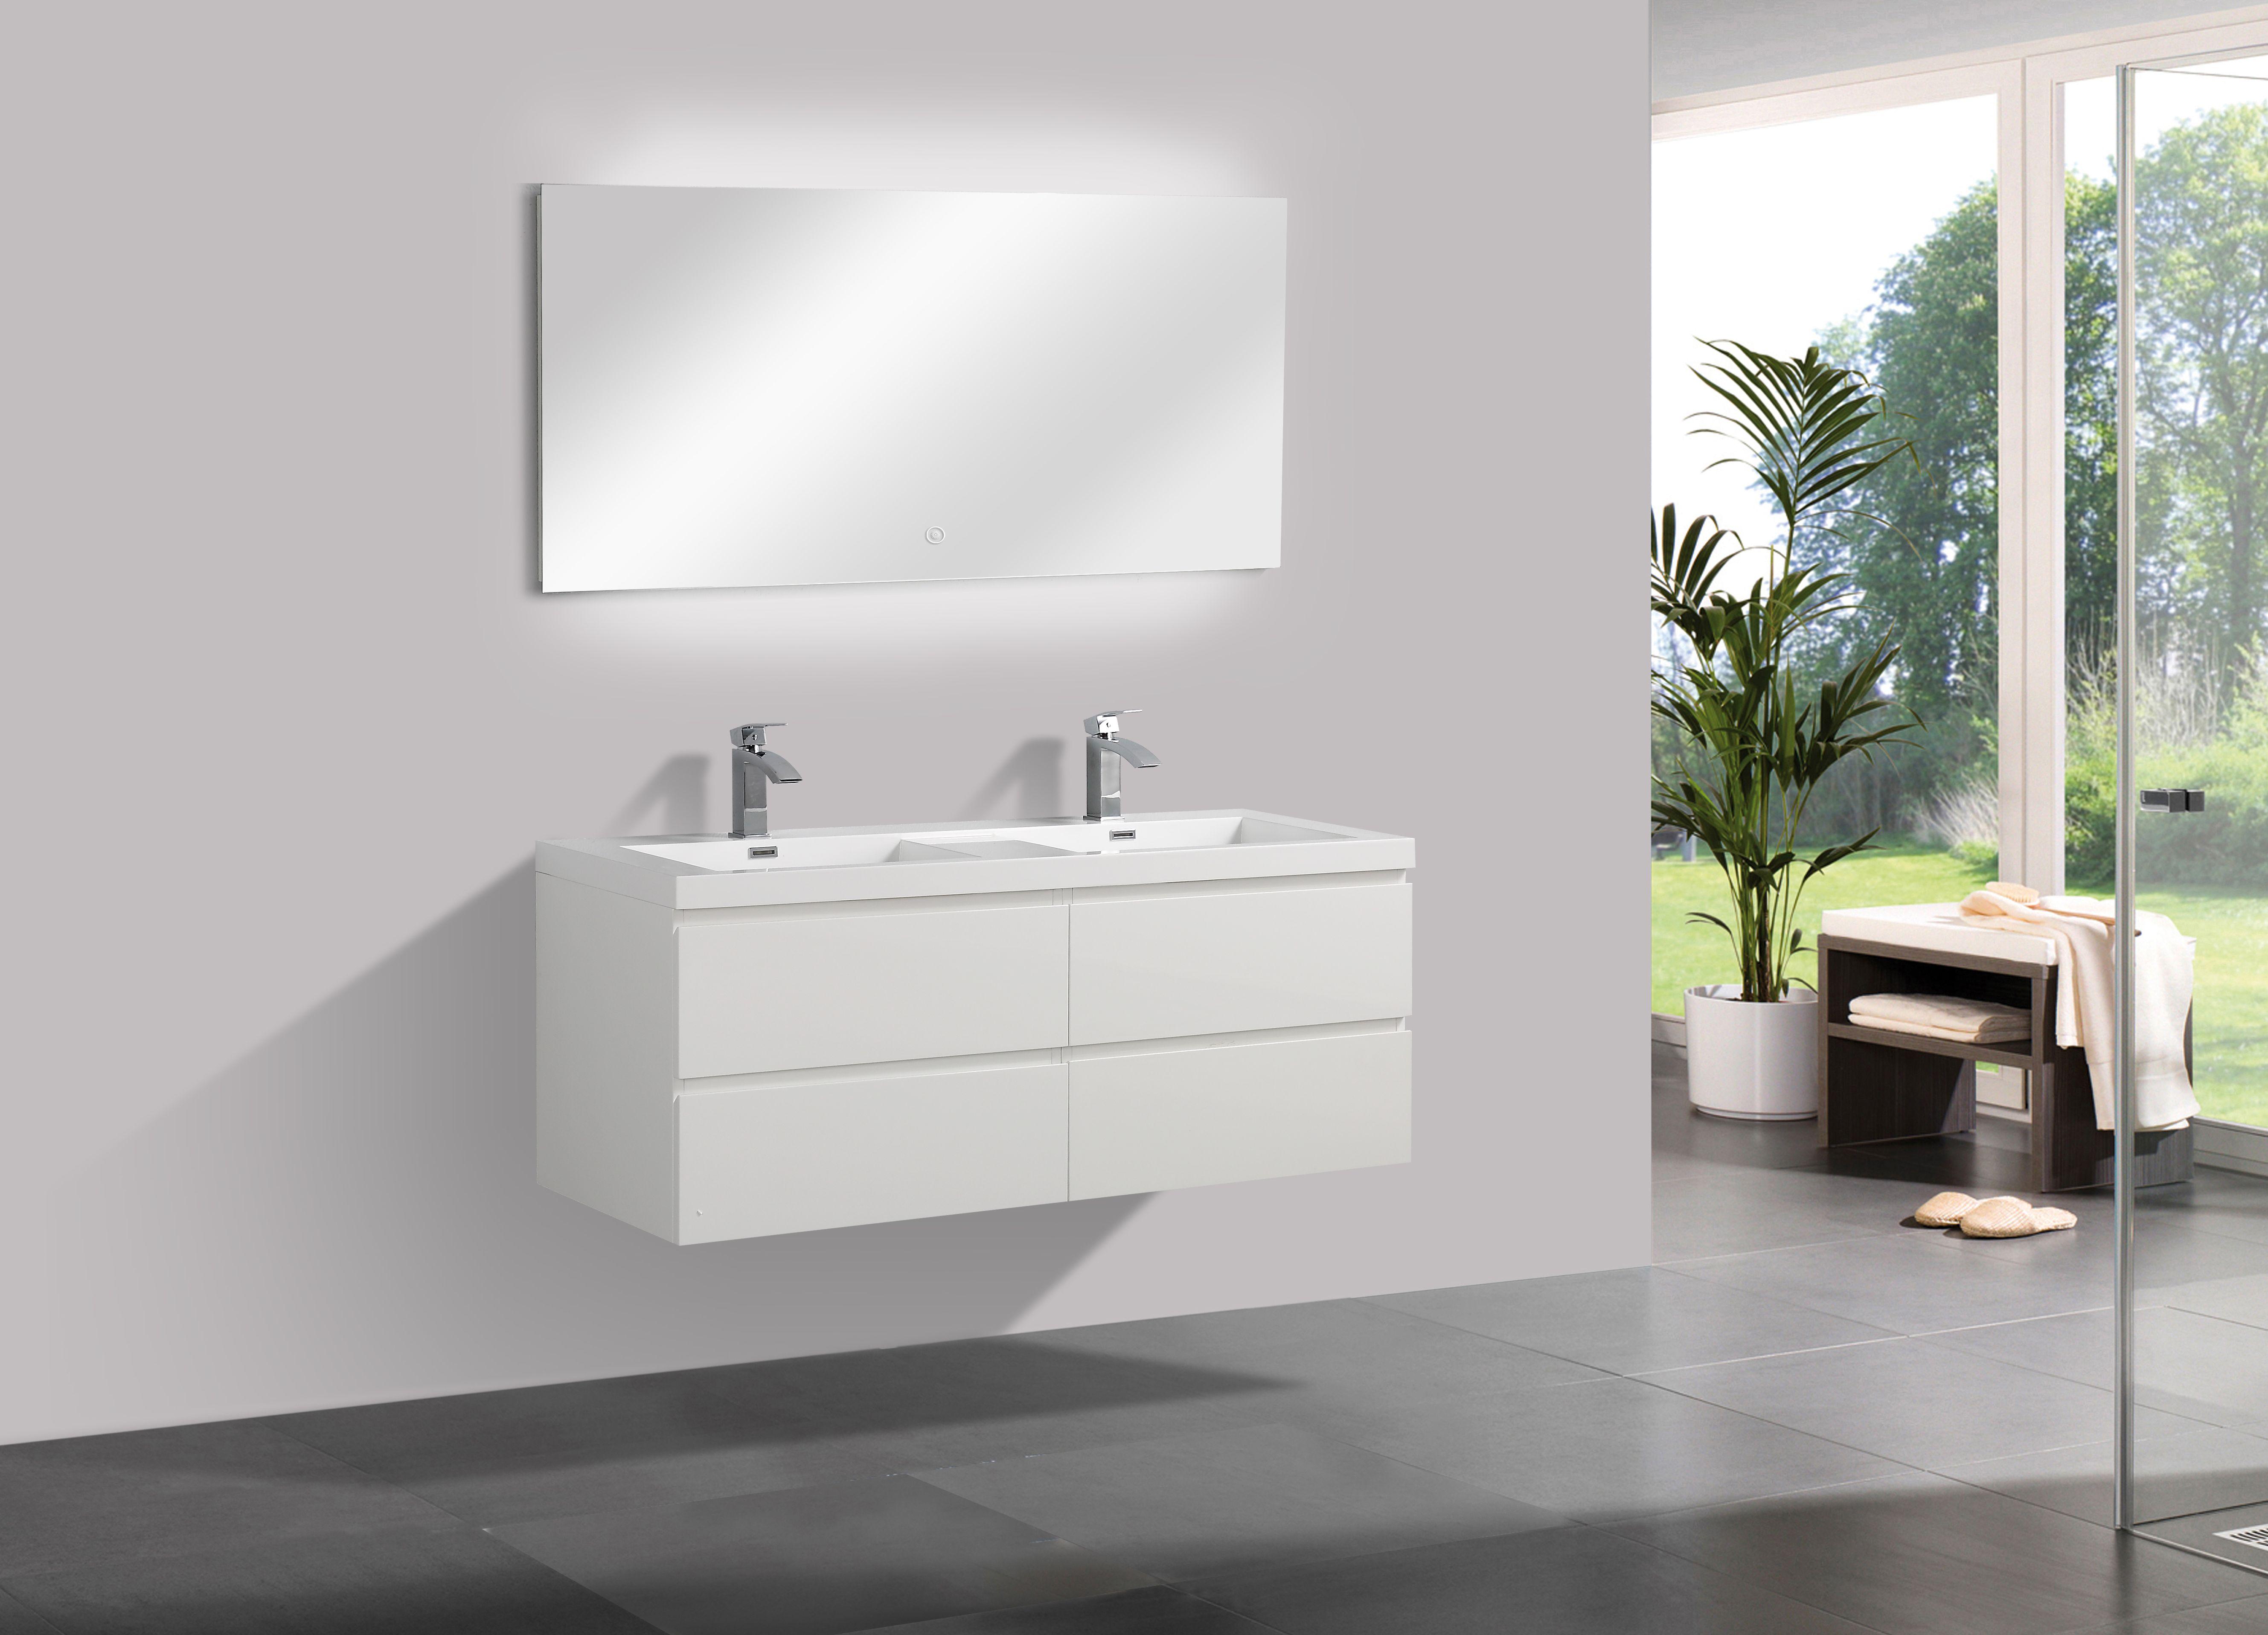 Badmöbel Unterschrank Flat 140 inkl. Doppelwaschtisch (hochglanz-weiß)